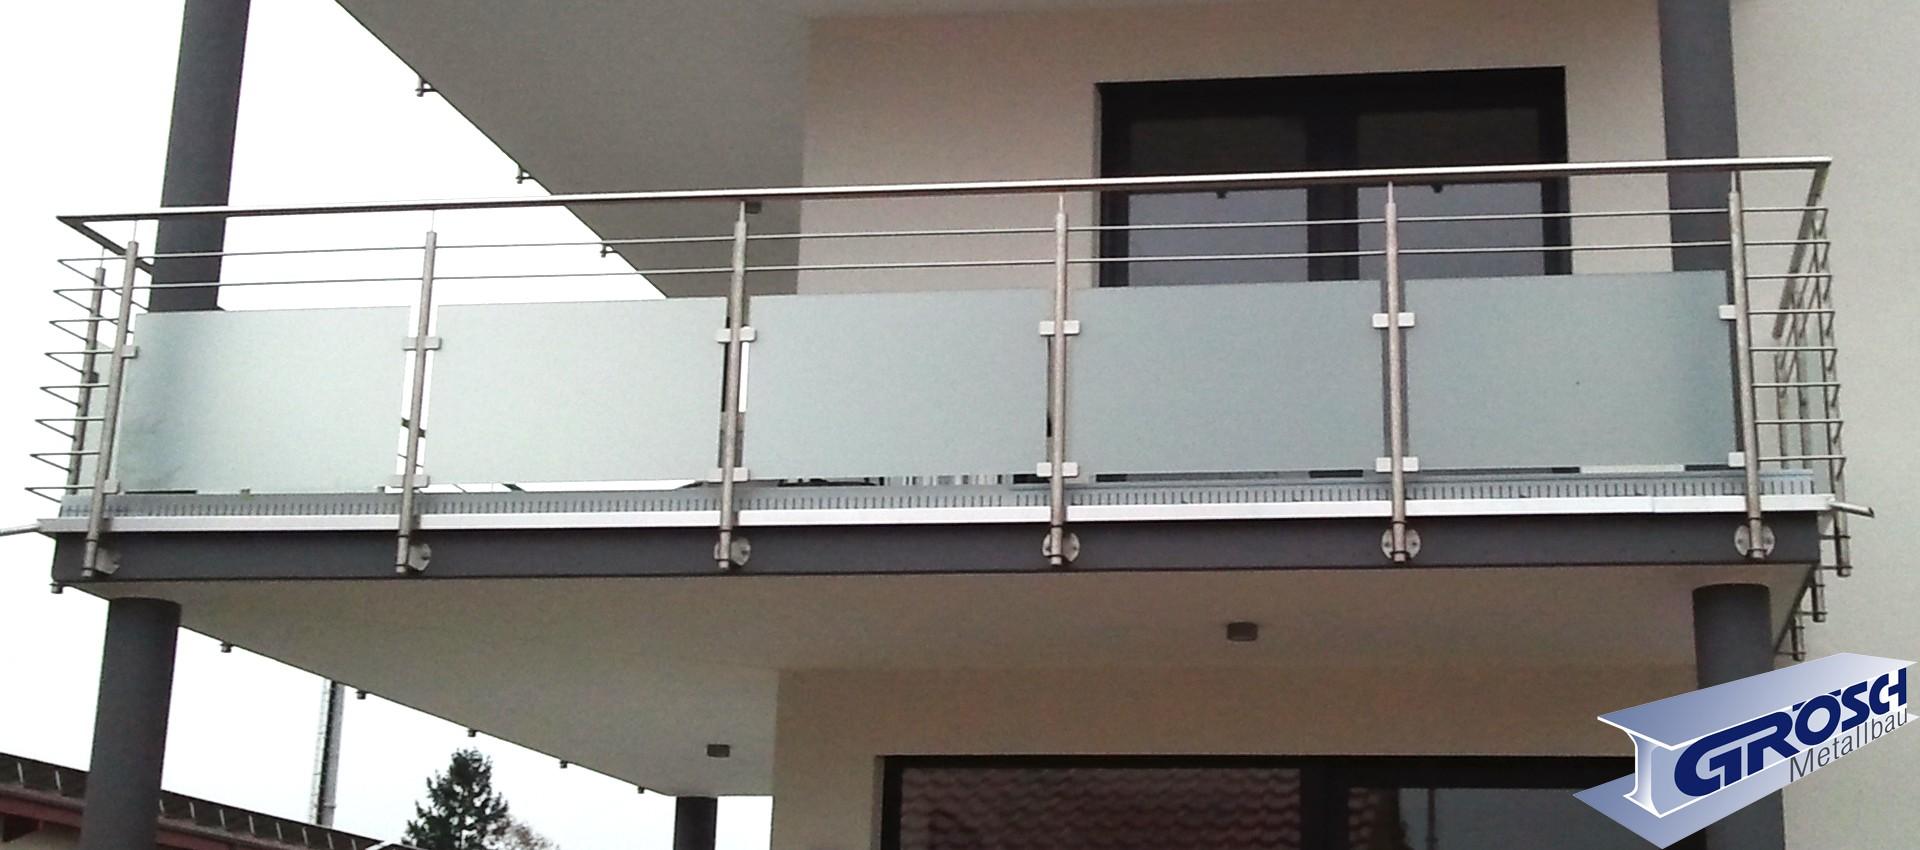 Wunderschönen Geländer Sichtschutz